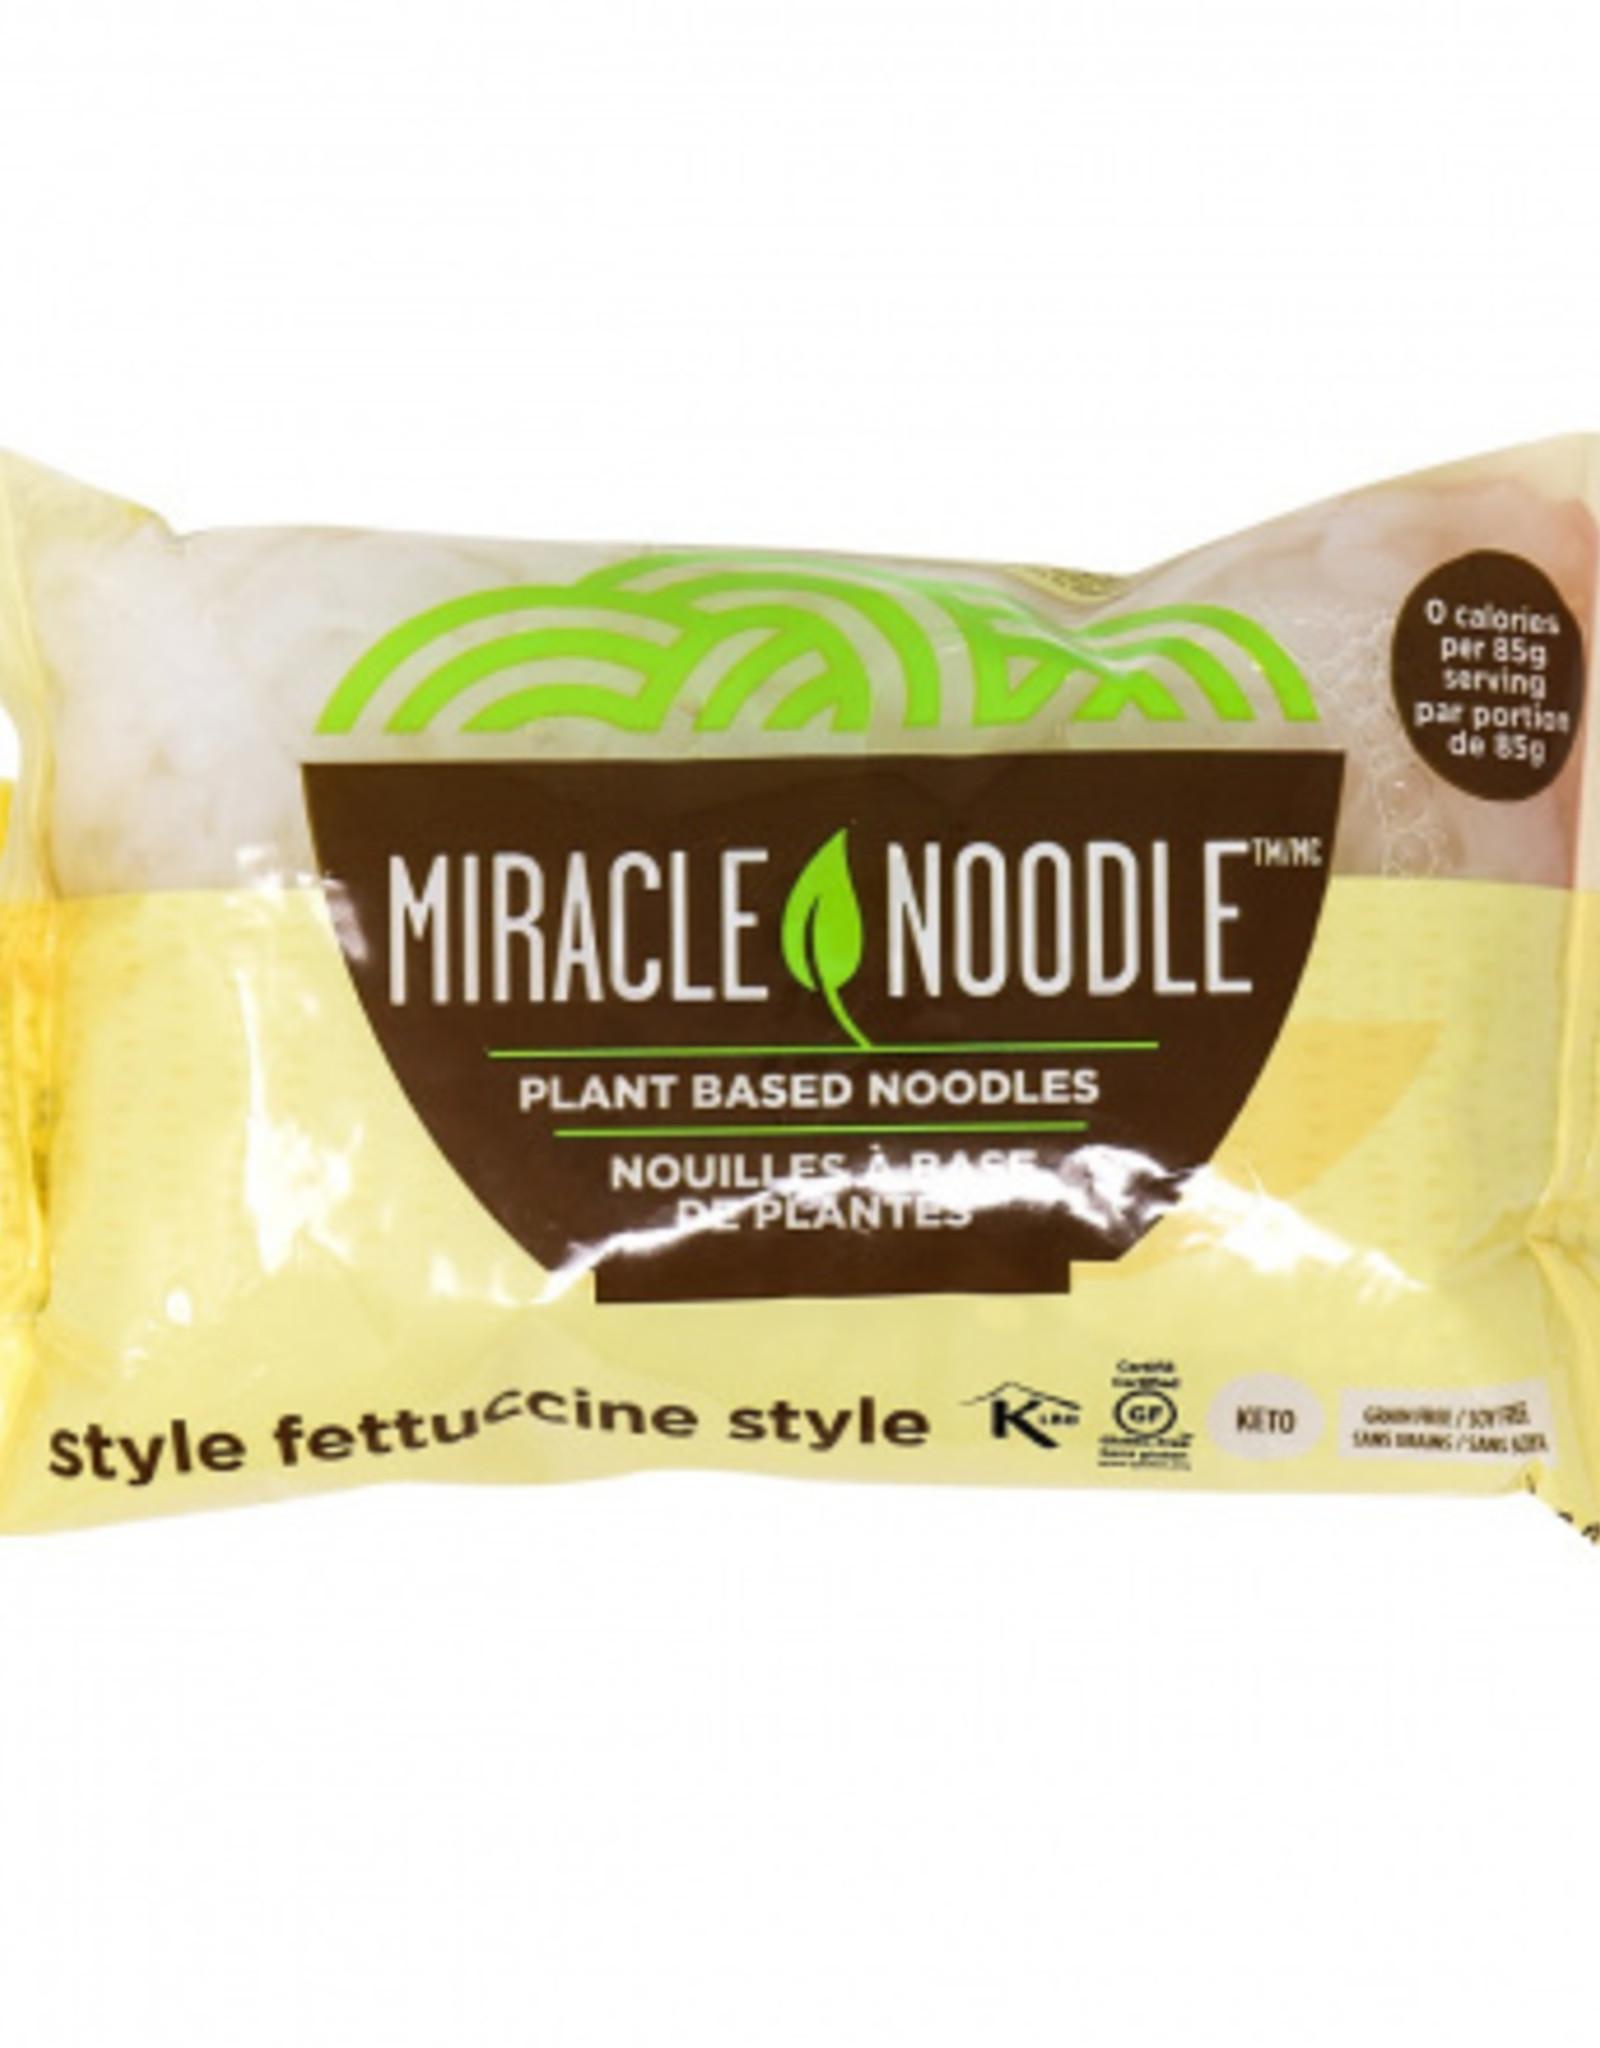 Miracle Noodle Kitchen Miracle Noodle - Shirataki Noodle, Fettuccine